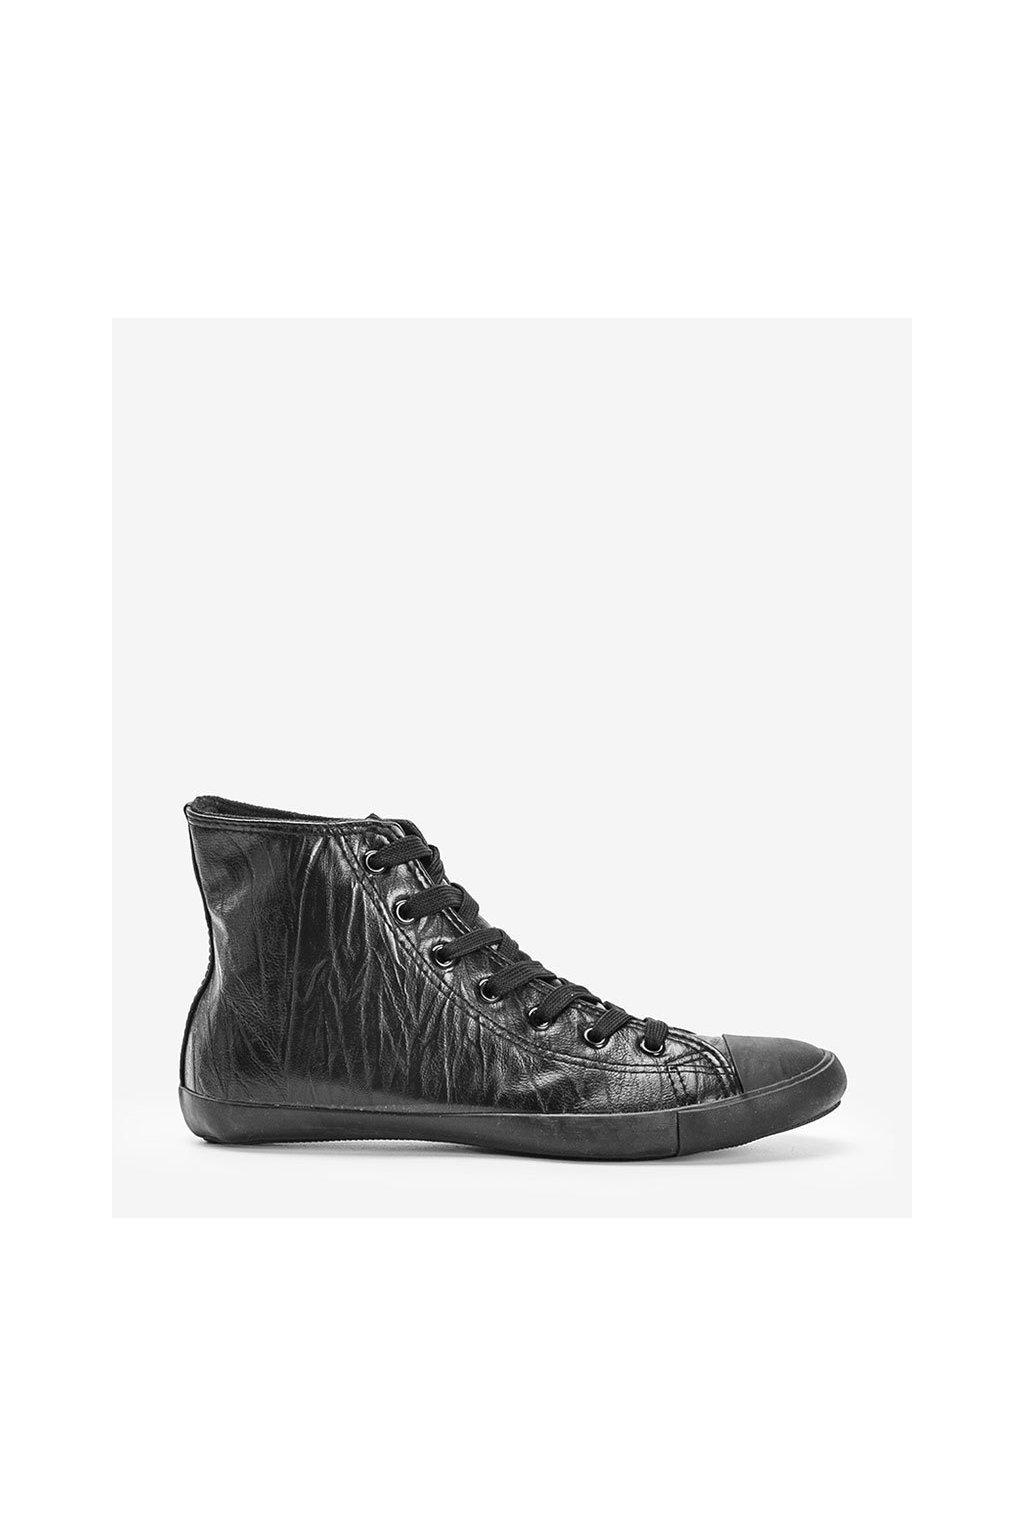 Dámske topánky tenisky čierne NJSK XJ0921 - GM